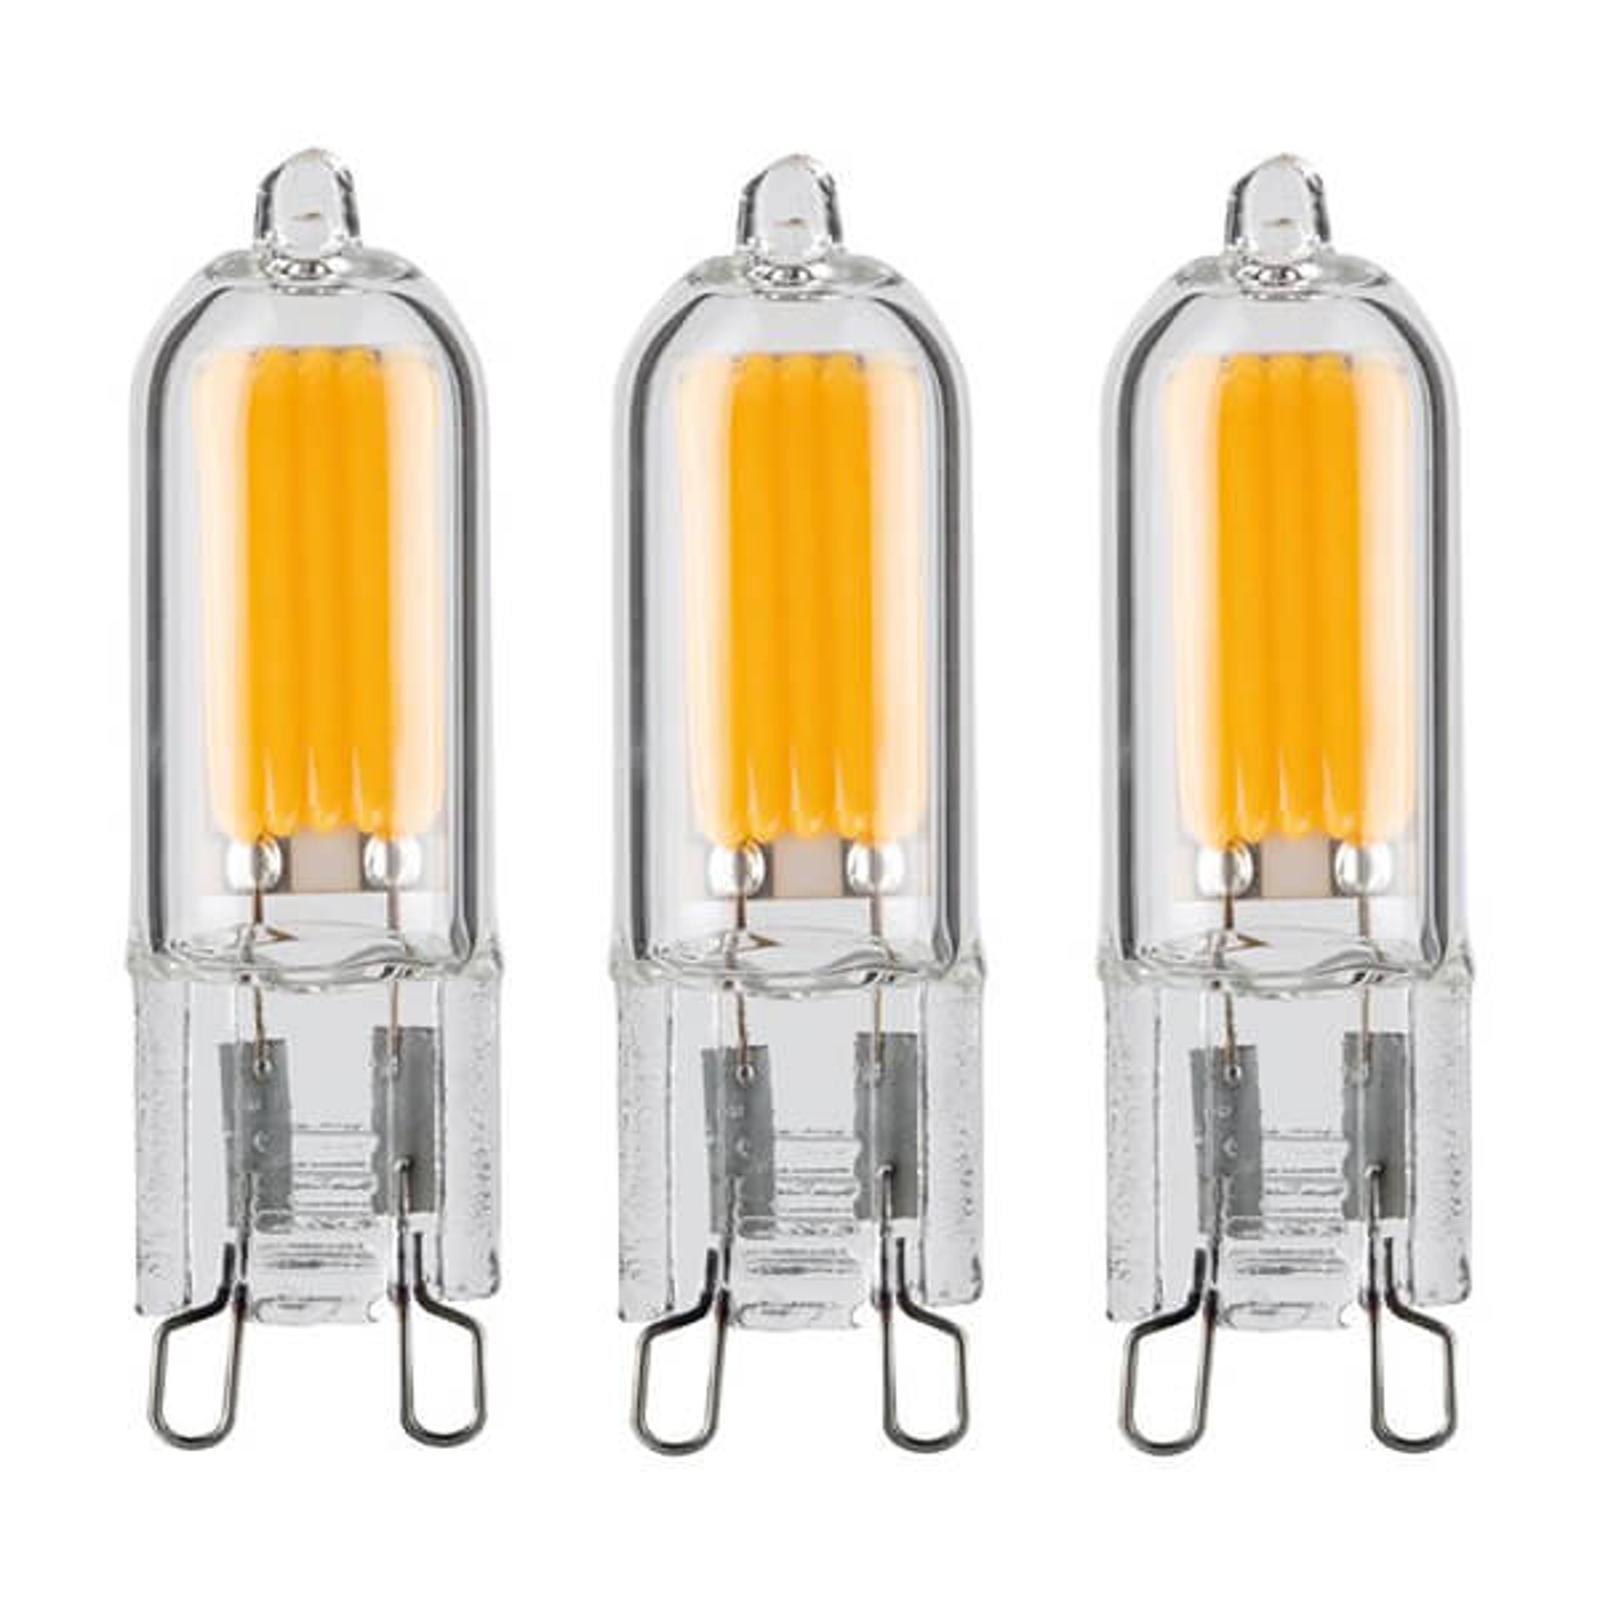 Żarówka sztyft LED G9 2W, ciepła biel, 3 szt.